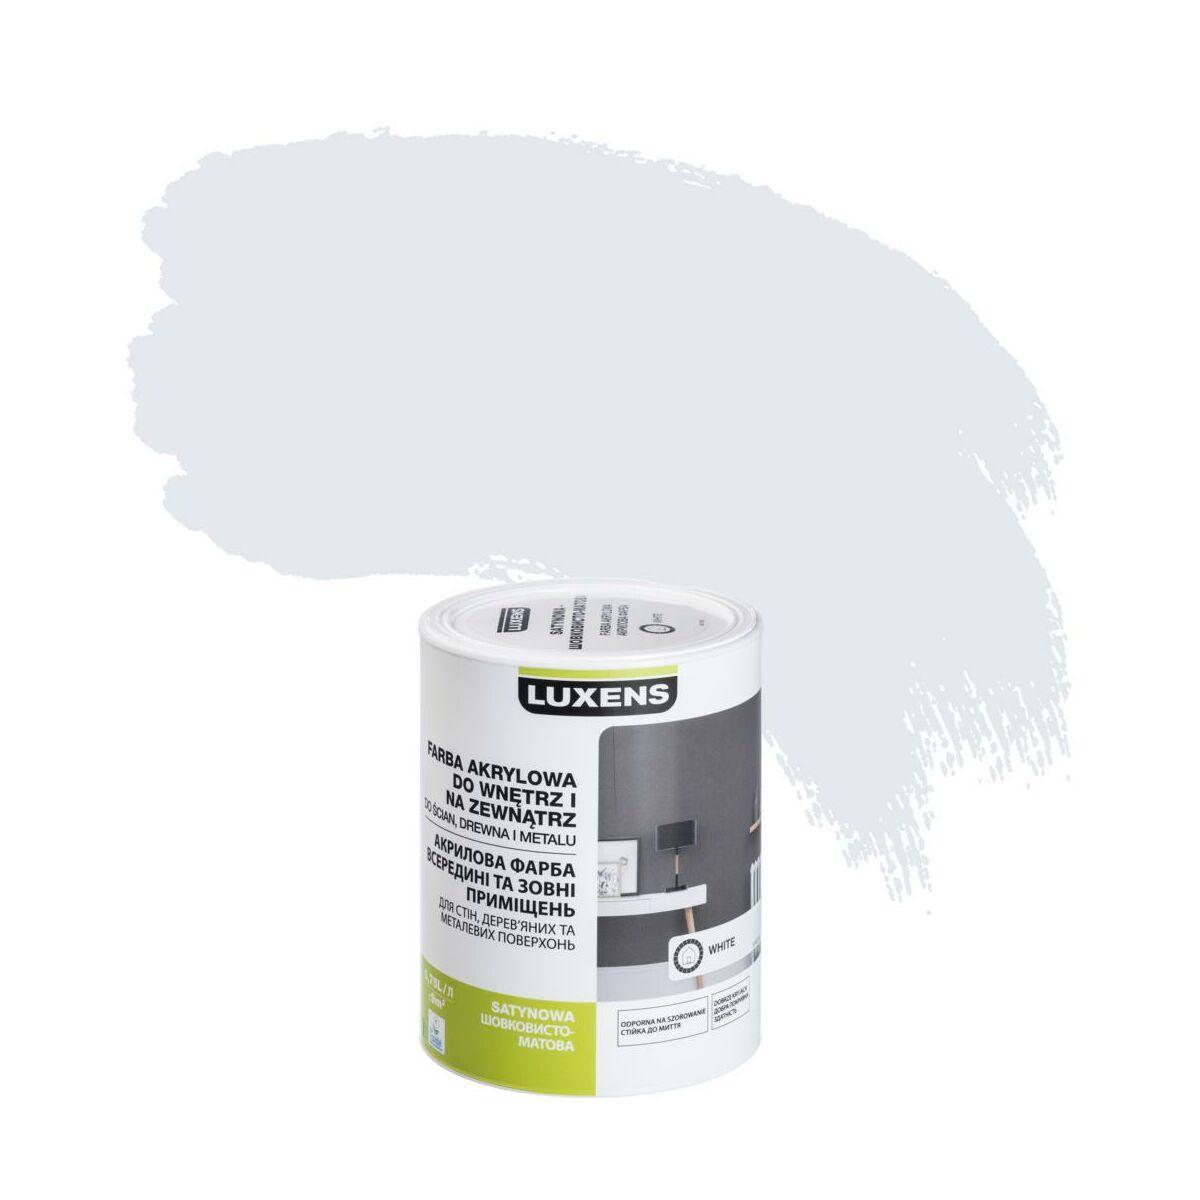 Emalia Akrylowa 0 75 L White Satynowa Luxens Emalie Akrylowe Wodne W Atrakcyjnej Cenie W Sklepach Leroy Merlin